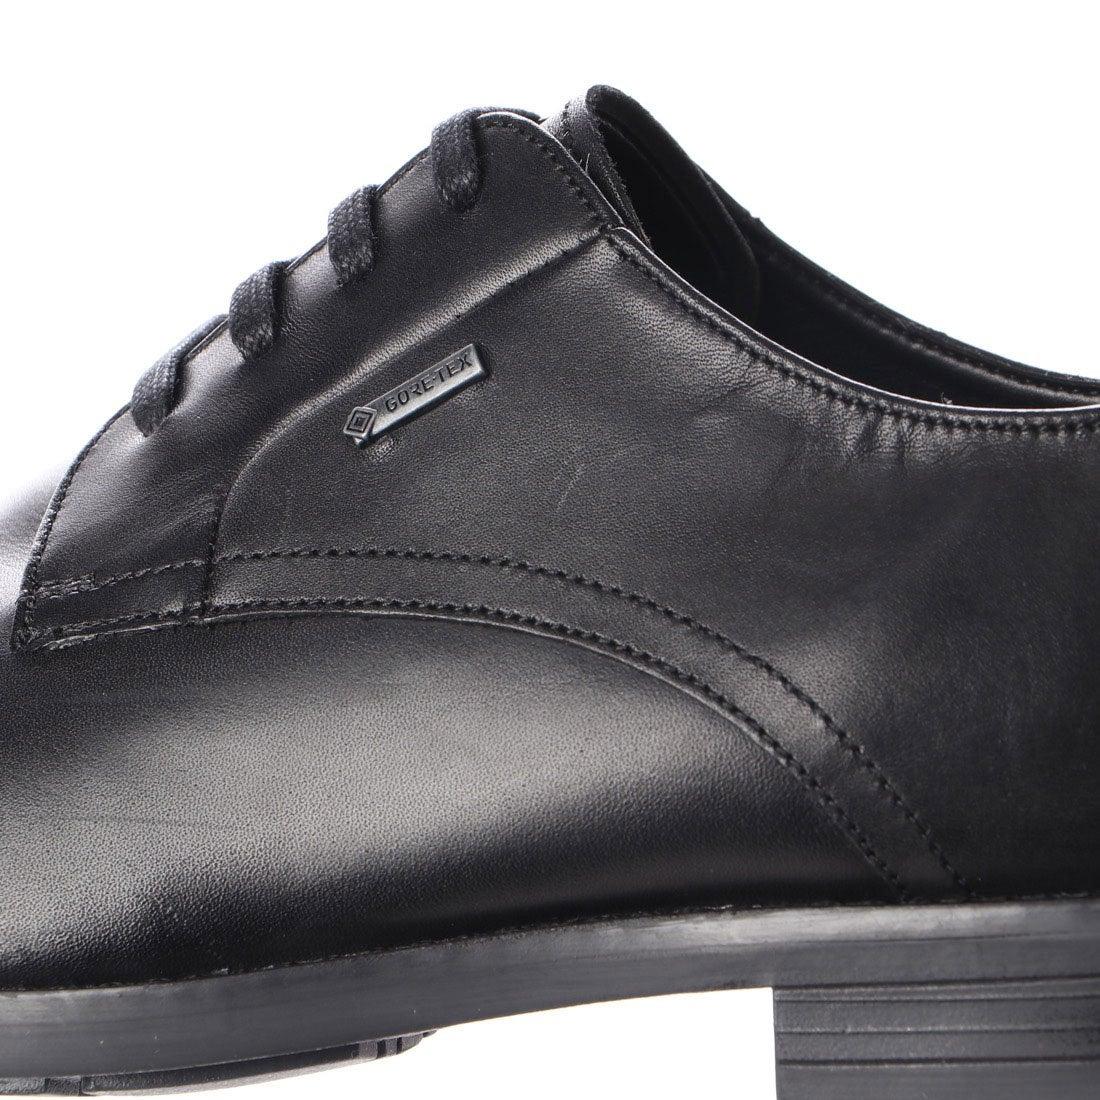 おすすめの革靴スニーカー06:クラークスのVennor Walk(ベナーウォーク)です。